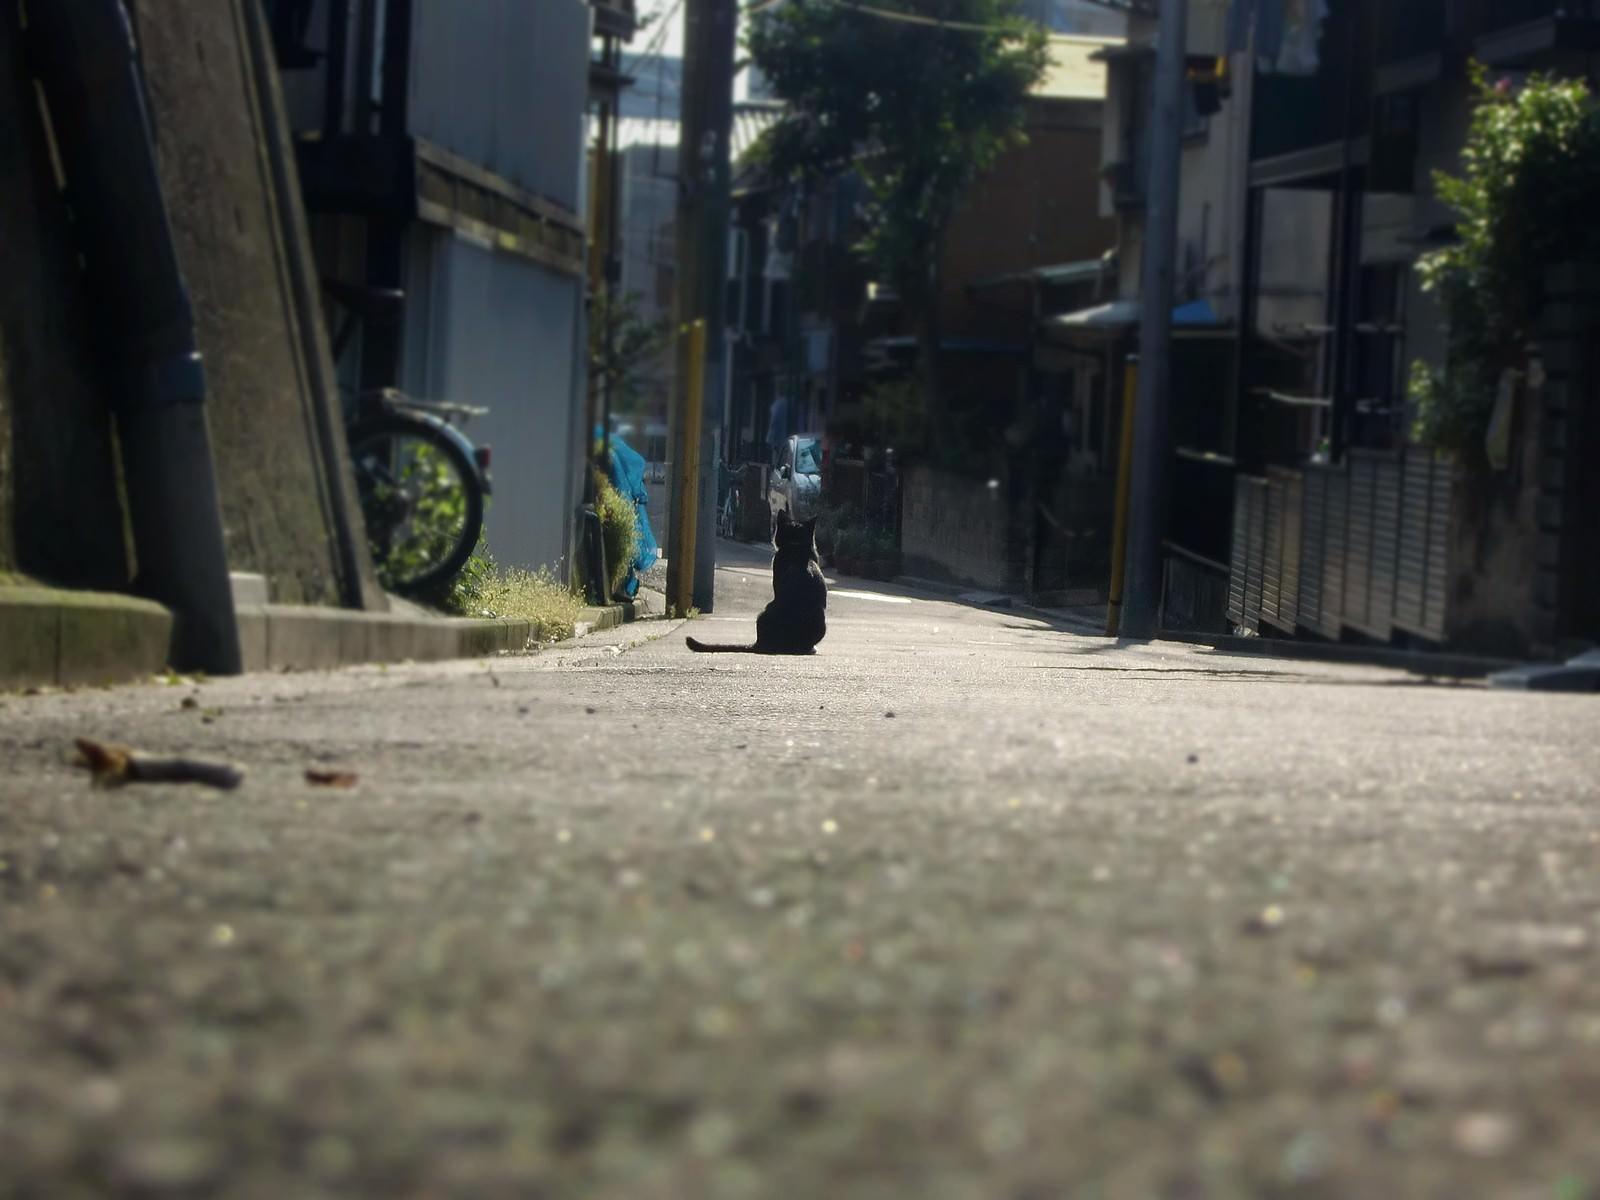 「主人の帰りを待つ猫」の写真